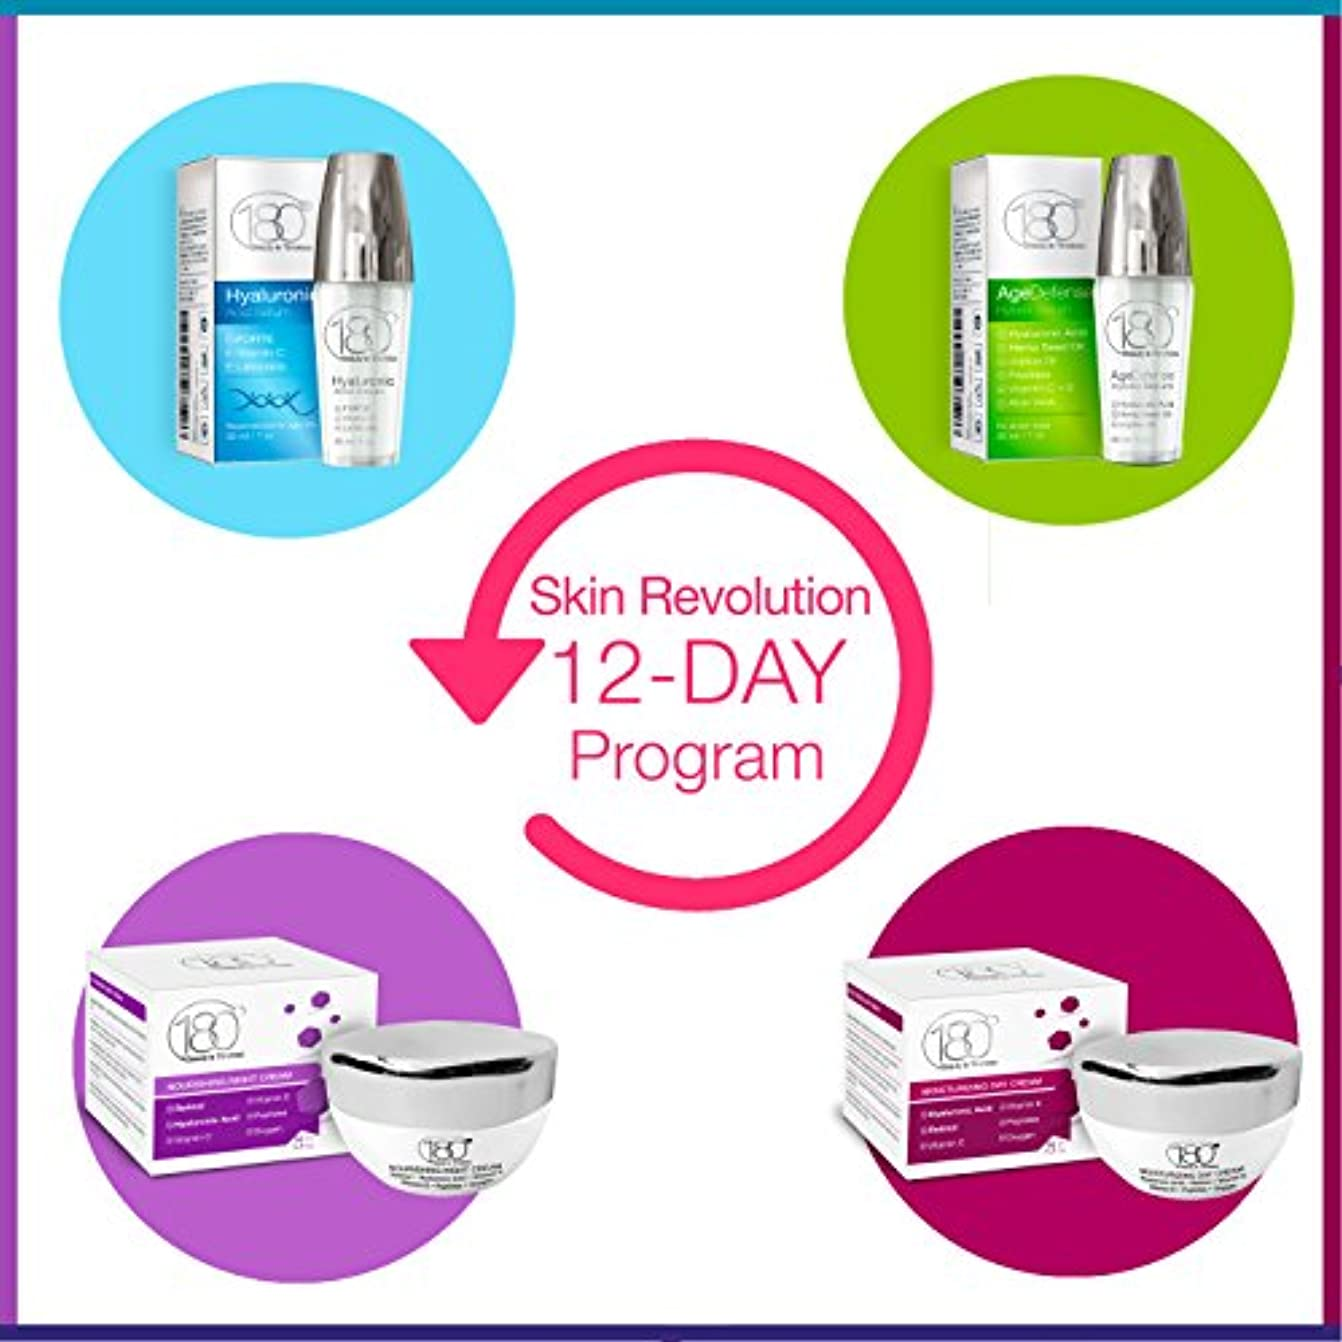 ポータルスポンサータップ180 Cosmetics 12日間の美容パッケージ最大の水分 - スキンレボリューションプログラム - あなたが夢見ている結果を得る - 55歳以上のドライまたは非常に乾燥したスキン - ハイブリッドセラムデイナイトクリーム